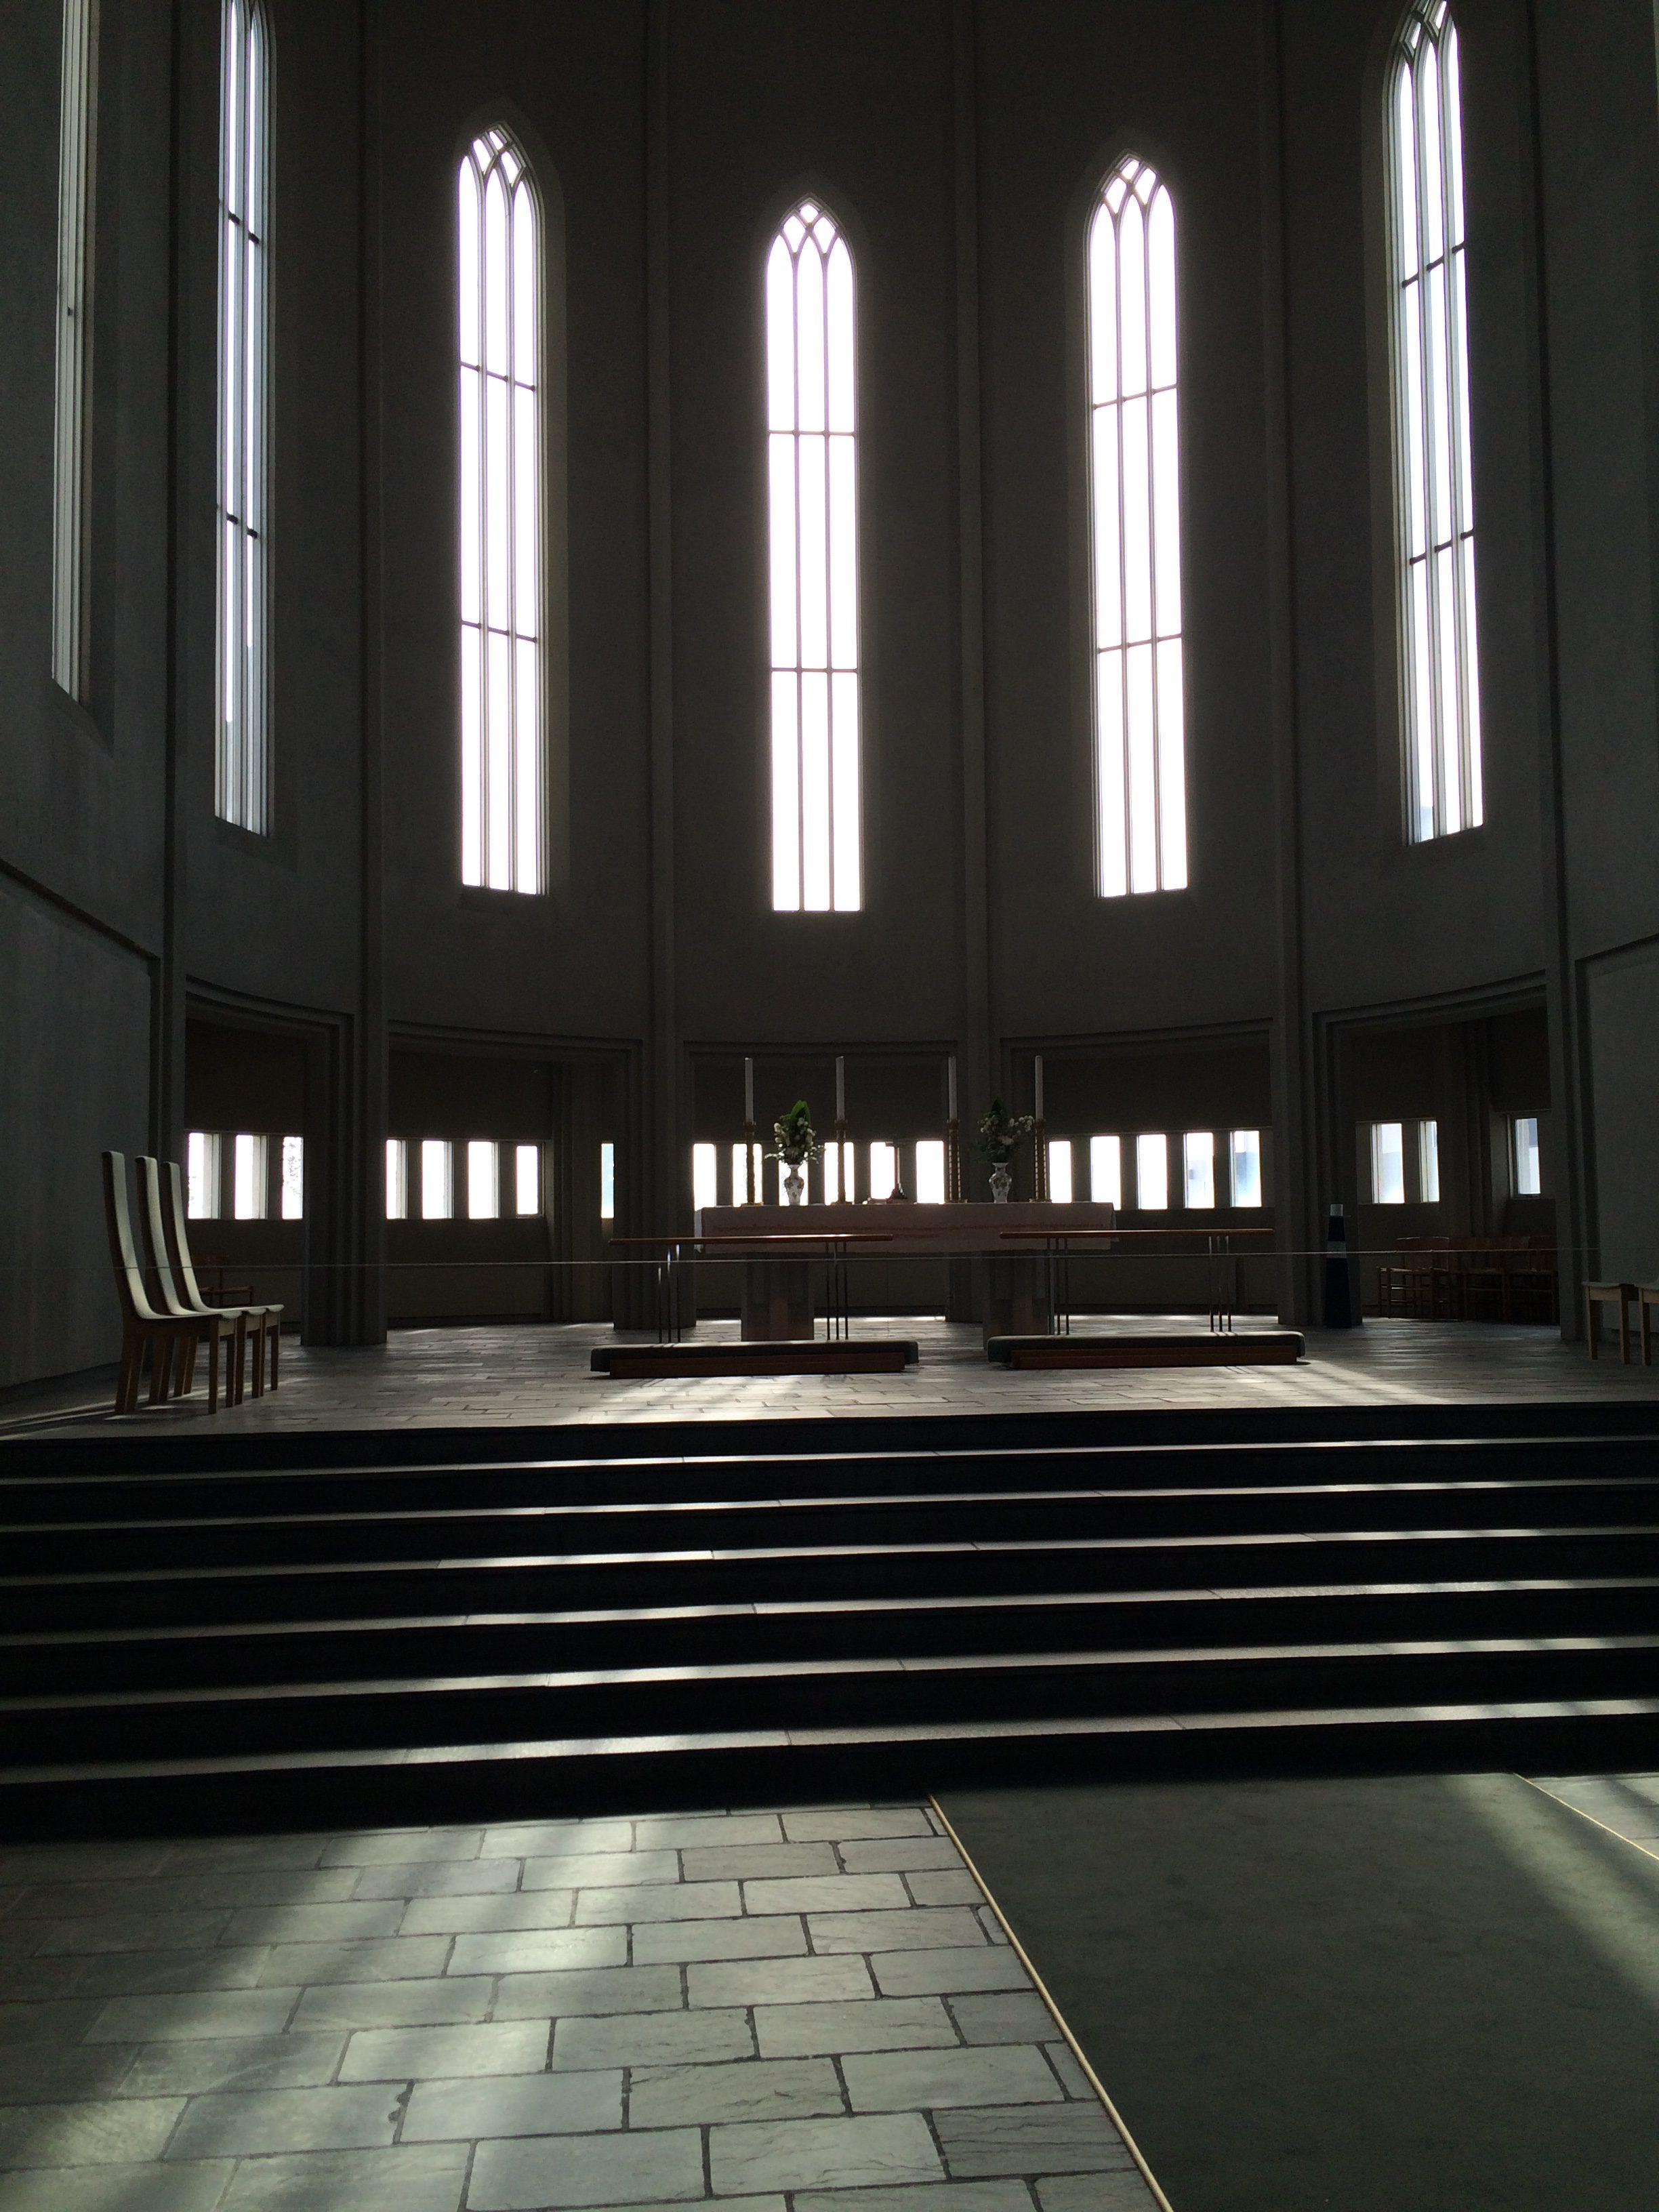 Gastbeitrag: Begegnung mit dem Glauben